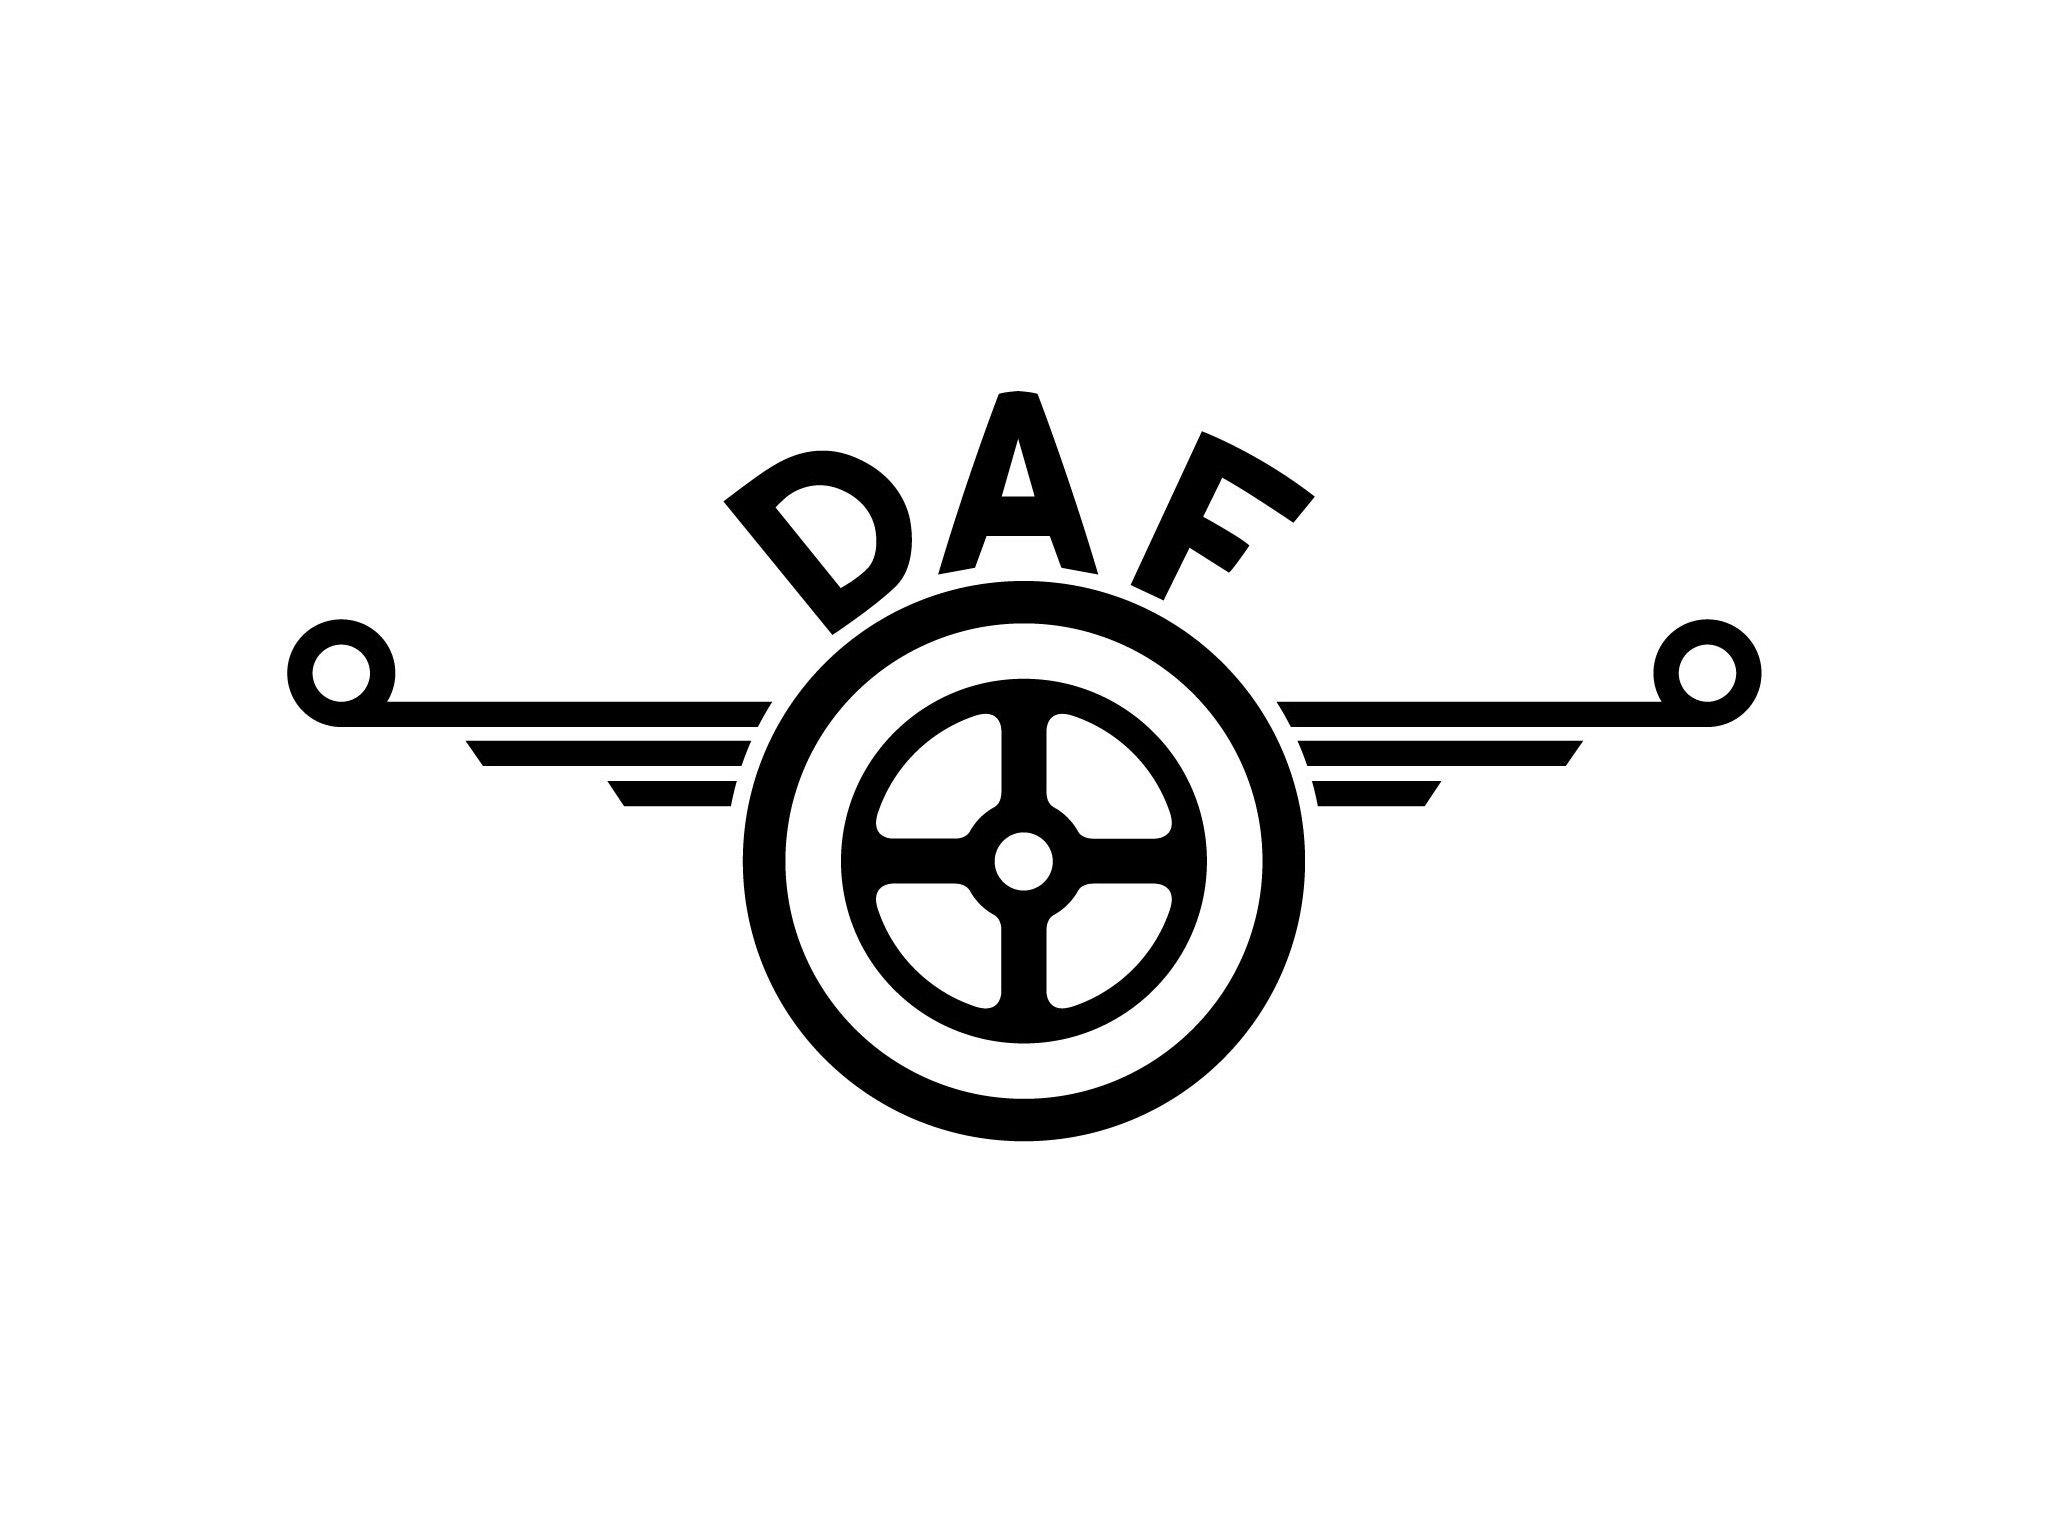 Logo Daf Vrachtwagens Automobiel Oldtimers